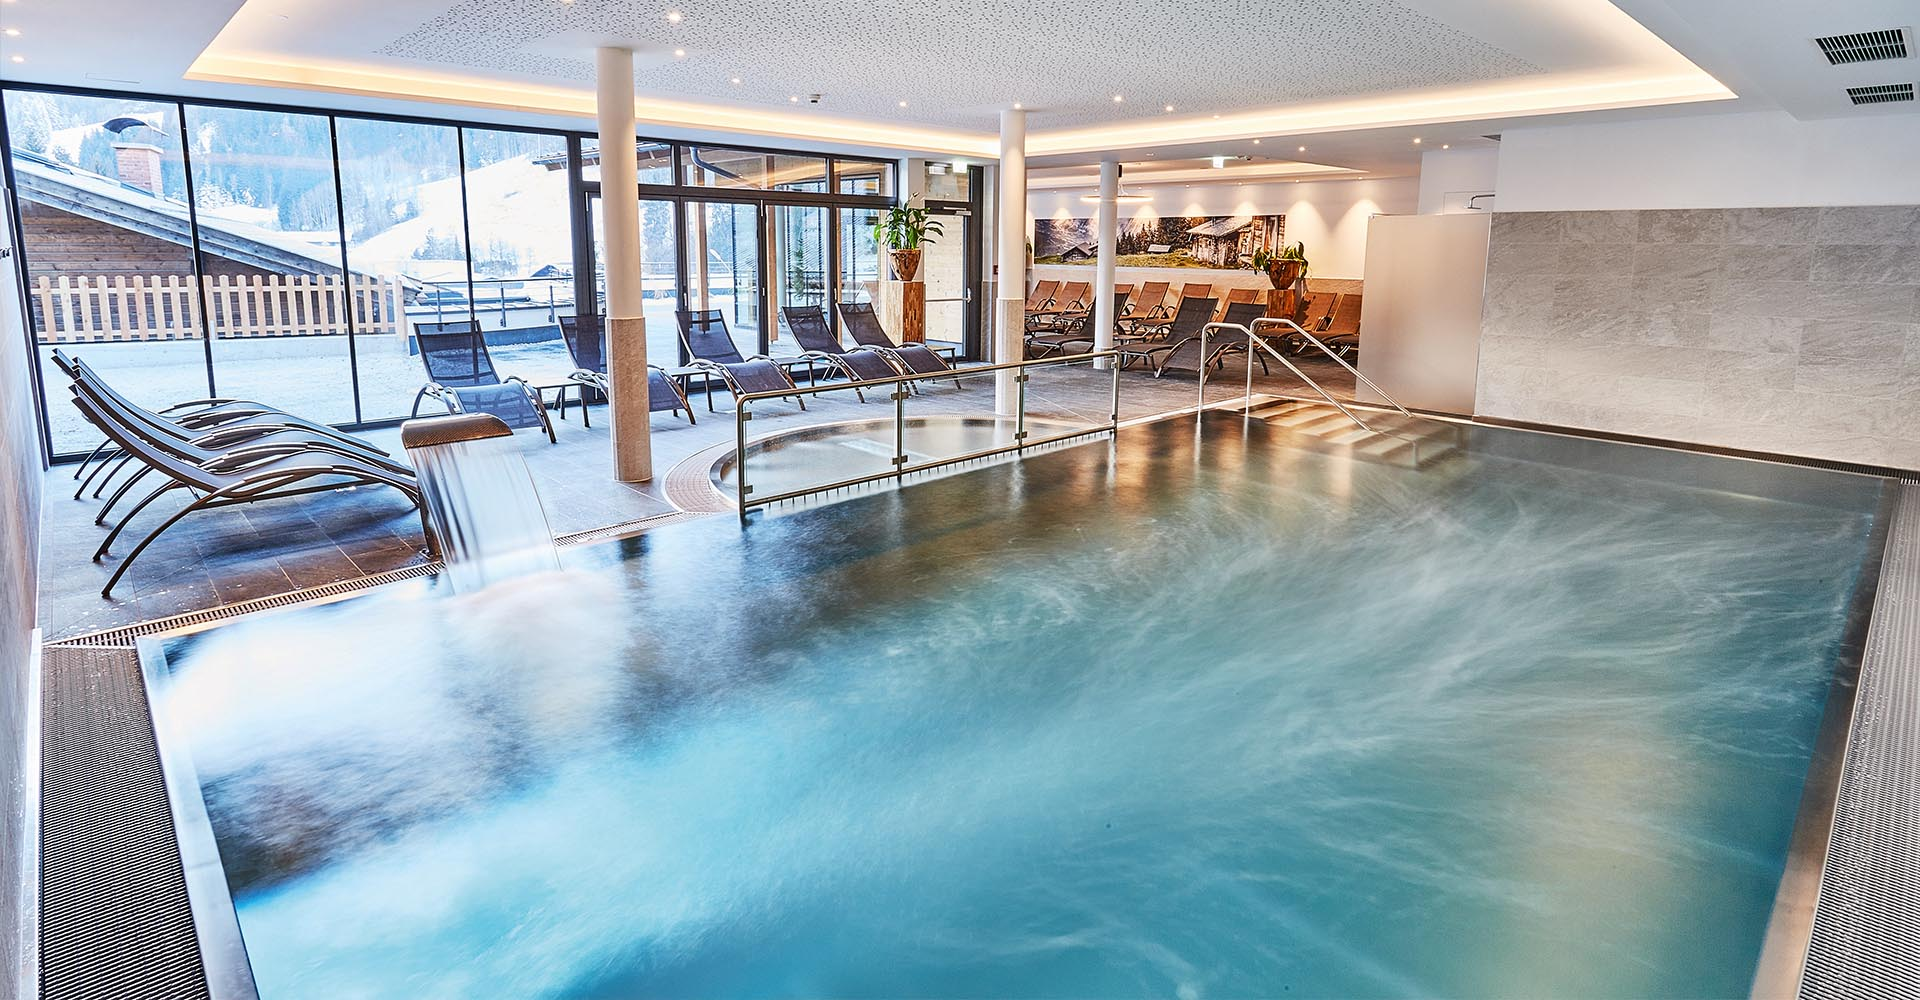 Bilder vom Hotel Wagrainerhof, Wagrain - Salzburger Land